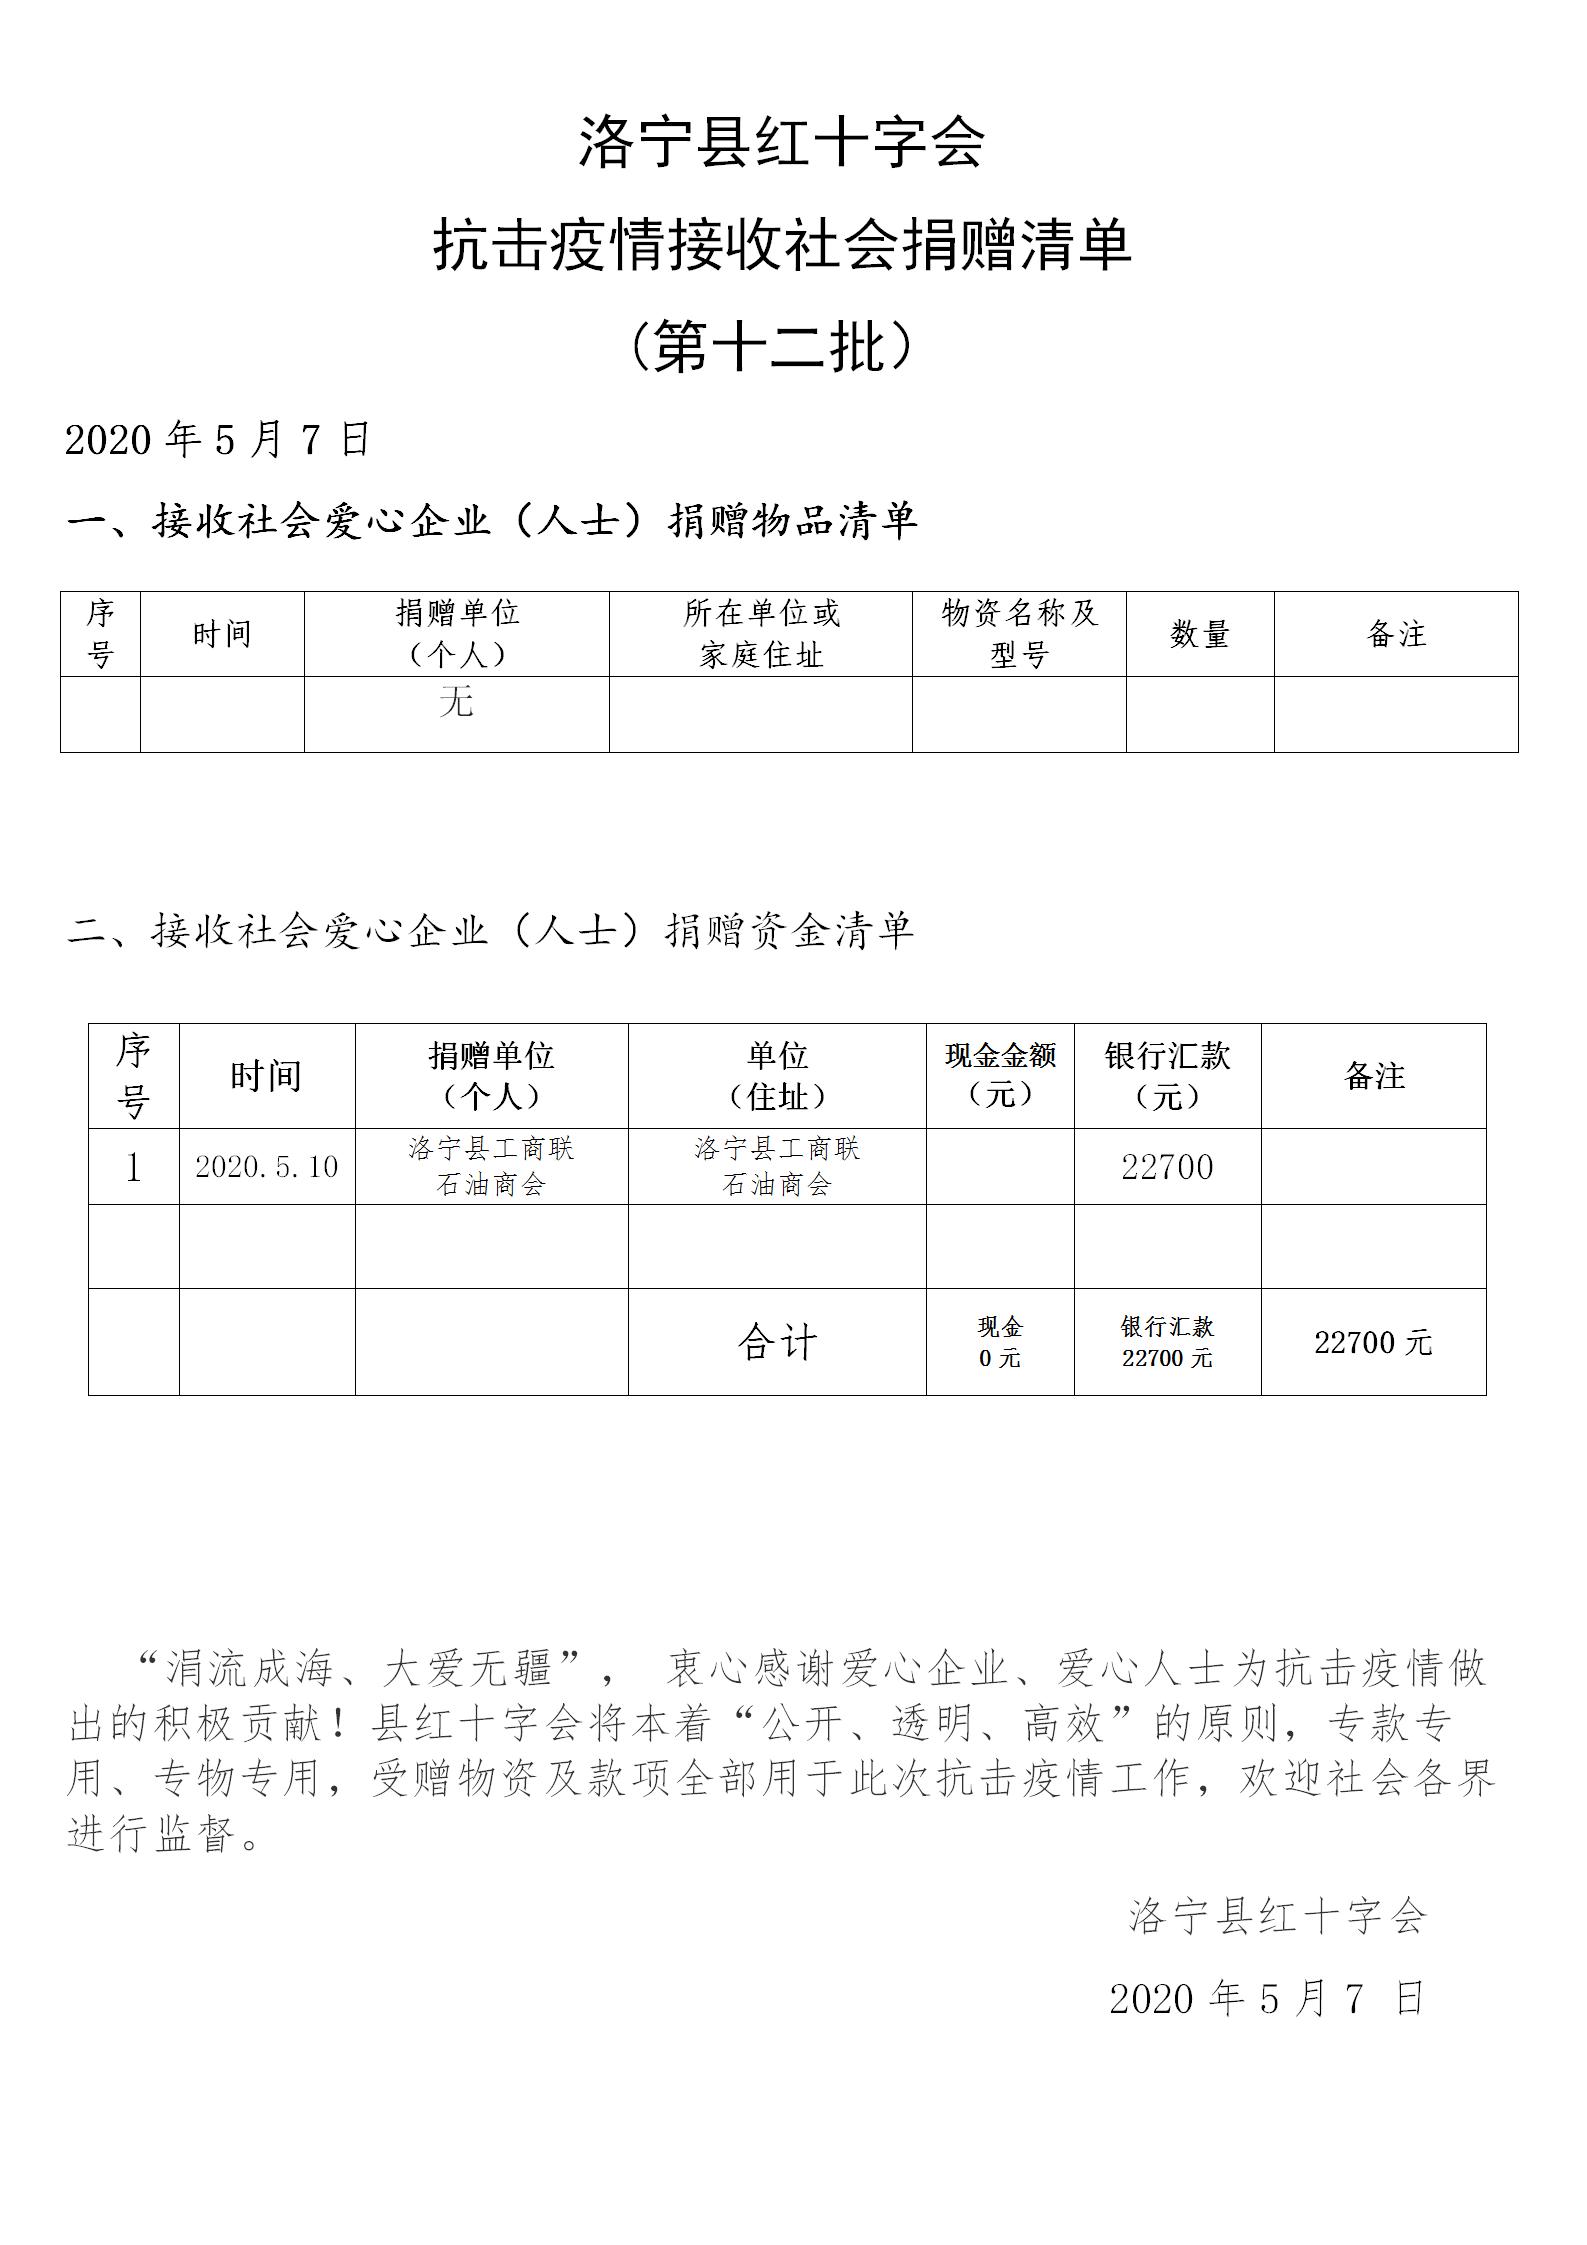 (5月7日)洛宁县红十字会抗击疫情接收社会捐赠清单(第十二批)_01